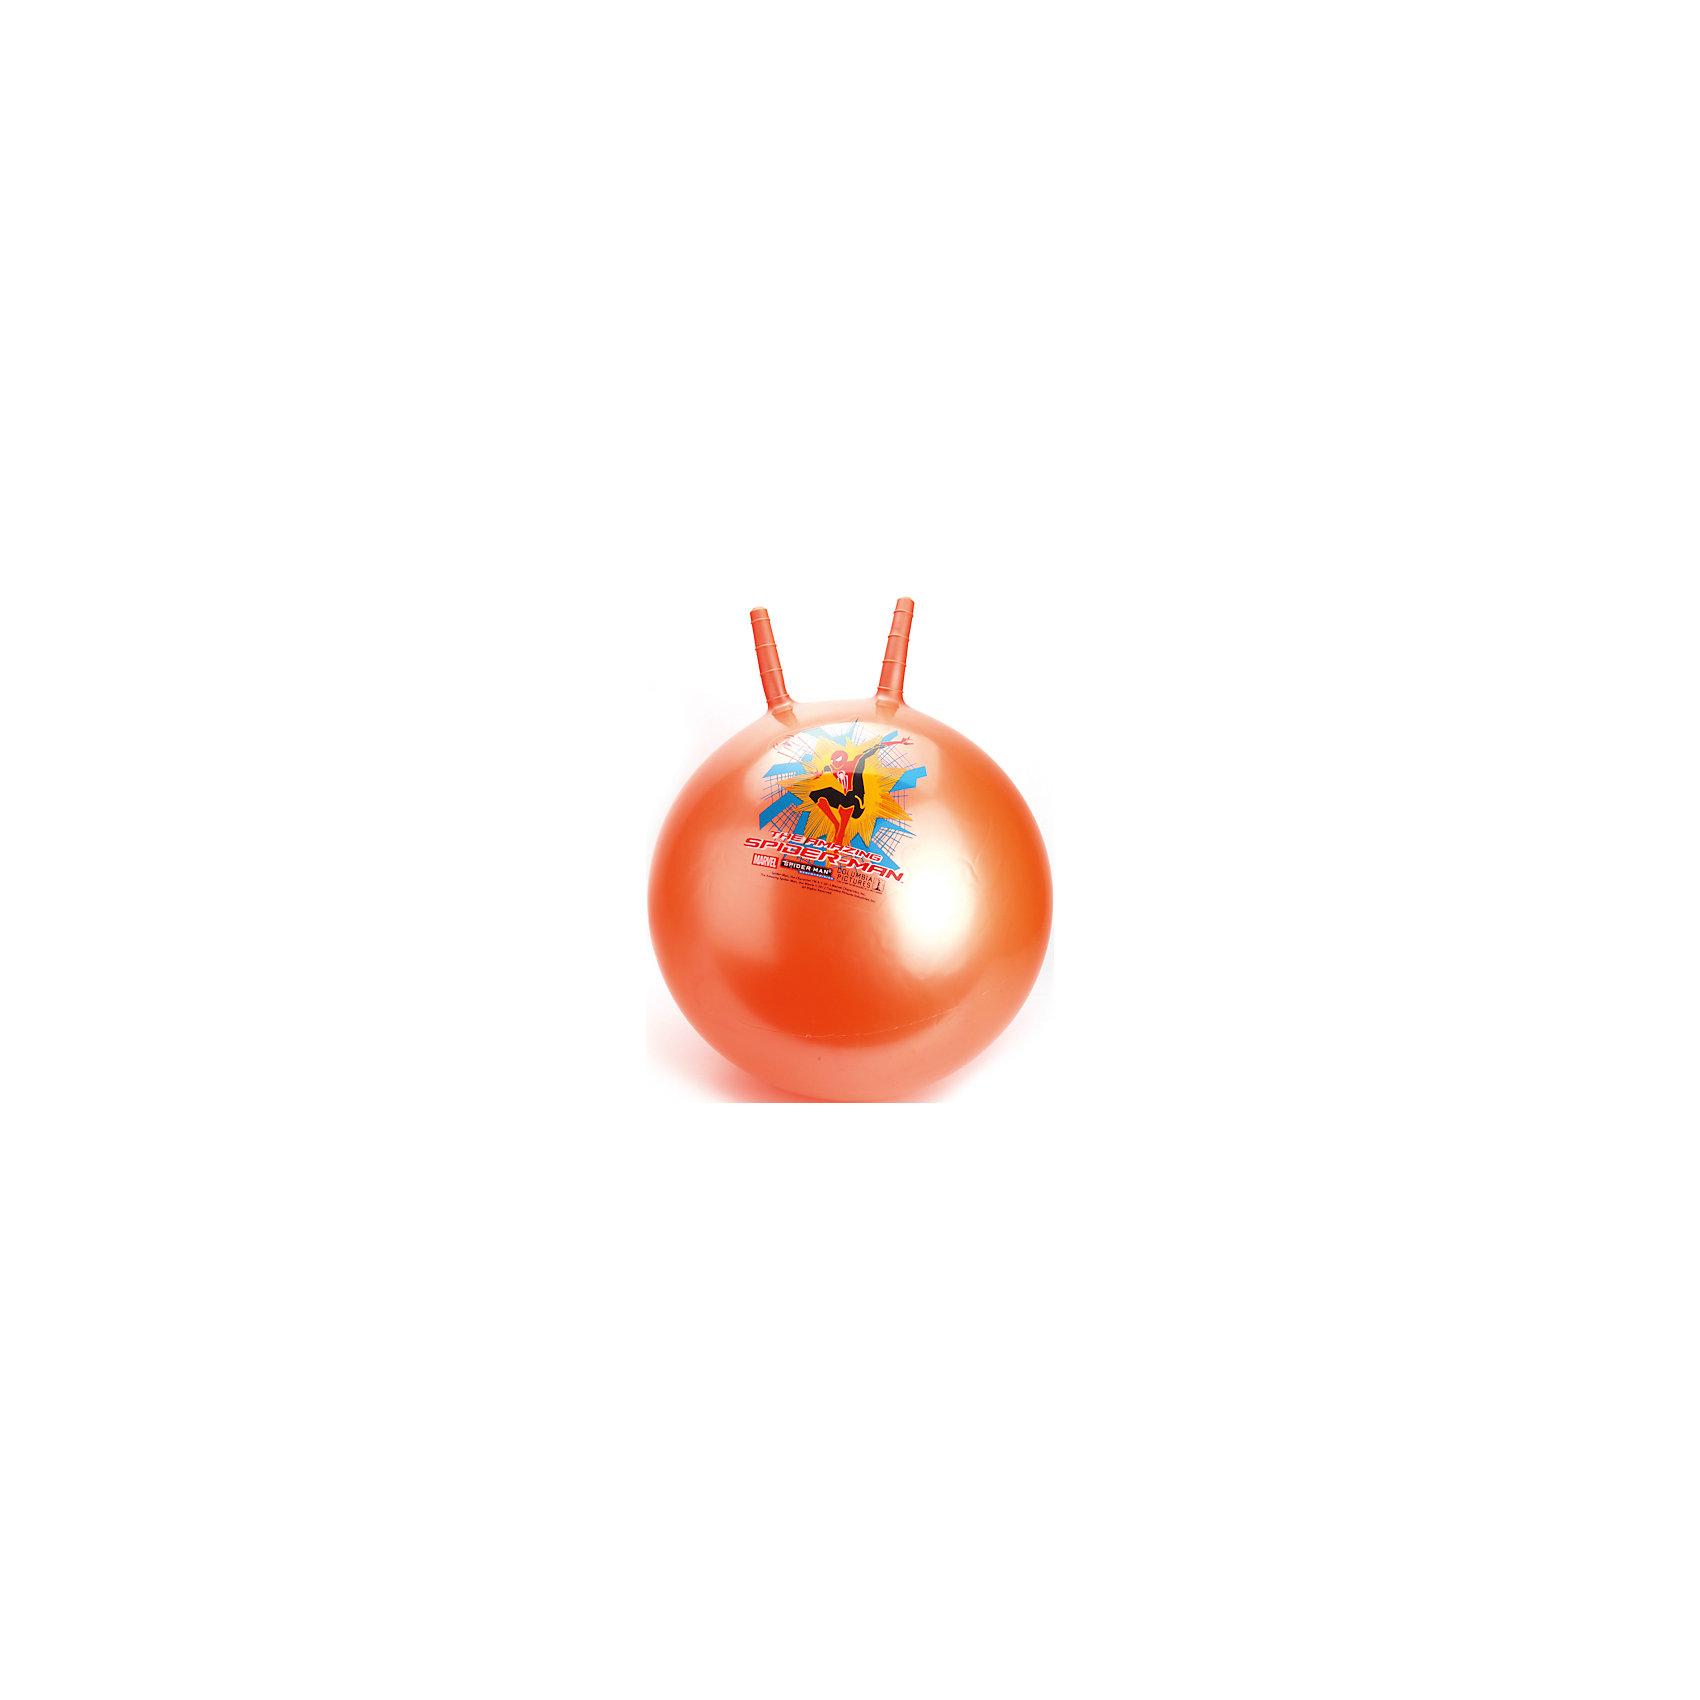 Мяч с рожками, 45 см, Человек-Паук, Играем вместеМяч-попрыгун с рожками выполнен из высококачественных прочных полимерных материалов. Ребенку понравится прыгать на нем. Веселые игры с мячом не только принесут множество положительных эмоций и улыбок, но и помогут детям улучшить координацию движений, потренируют вестибулярный аппарат, укрепят мышцы ног, рук и спины.<br><br>Дополнительная информация:<br><br>- Материал: ПВХ.<br>- Размер: d - 45 см.<br>- Максимальный вес ребенка: 70 кг.  <br>- Цвет в ассортименте.<br>ВНИМАНИЕ! Данный артикул представлен в разных цветовых вариантах. К сожалению, заранее выбрать определенный вариант невозможно. При заказе нескольких мячей возможно получение одинаковых.<br><br>Мяч с рожками, 45 см, Человек-Паук (Spider-Man), Играем вместе, в ассортименте, можно купить в нашем магазине.<br><br>Ширина мм: 380<br>Глубина мм: 500<br>Высота мм: 510<br>Вес г: 630<br>Возраст от месяцев: 36<br>Возраст до месяцев: 144<br>Пол: Мужской<br>Возраст: Детский<br>SKU: 4616876